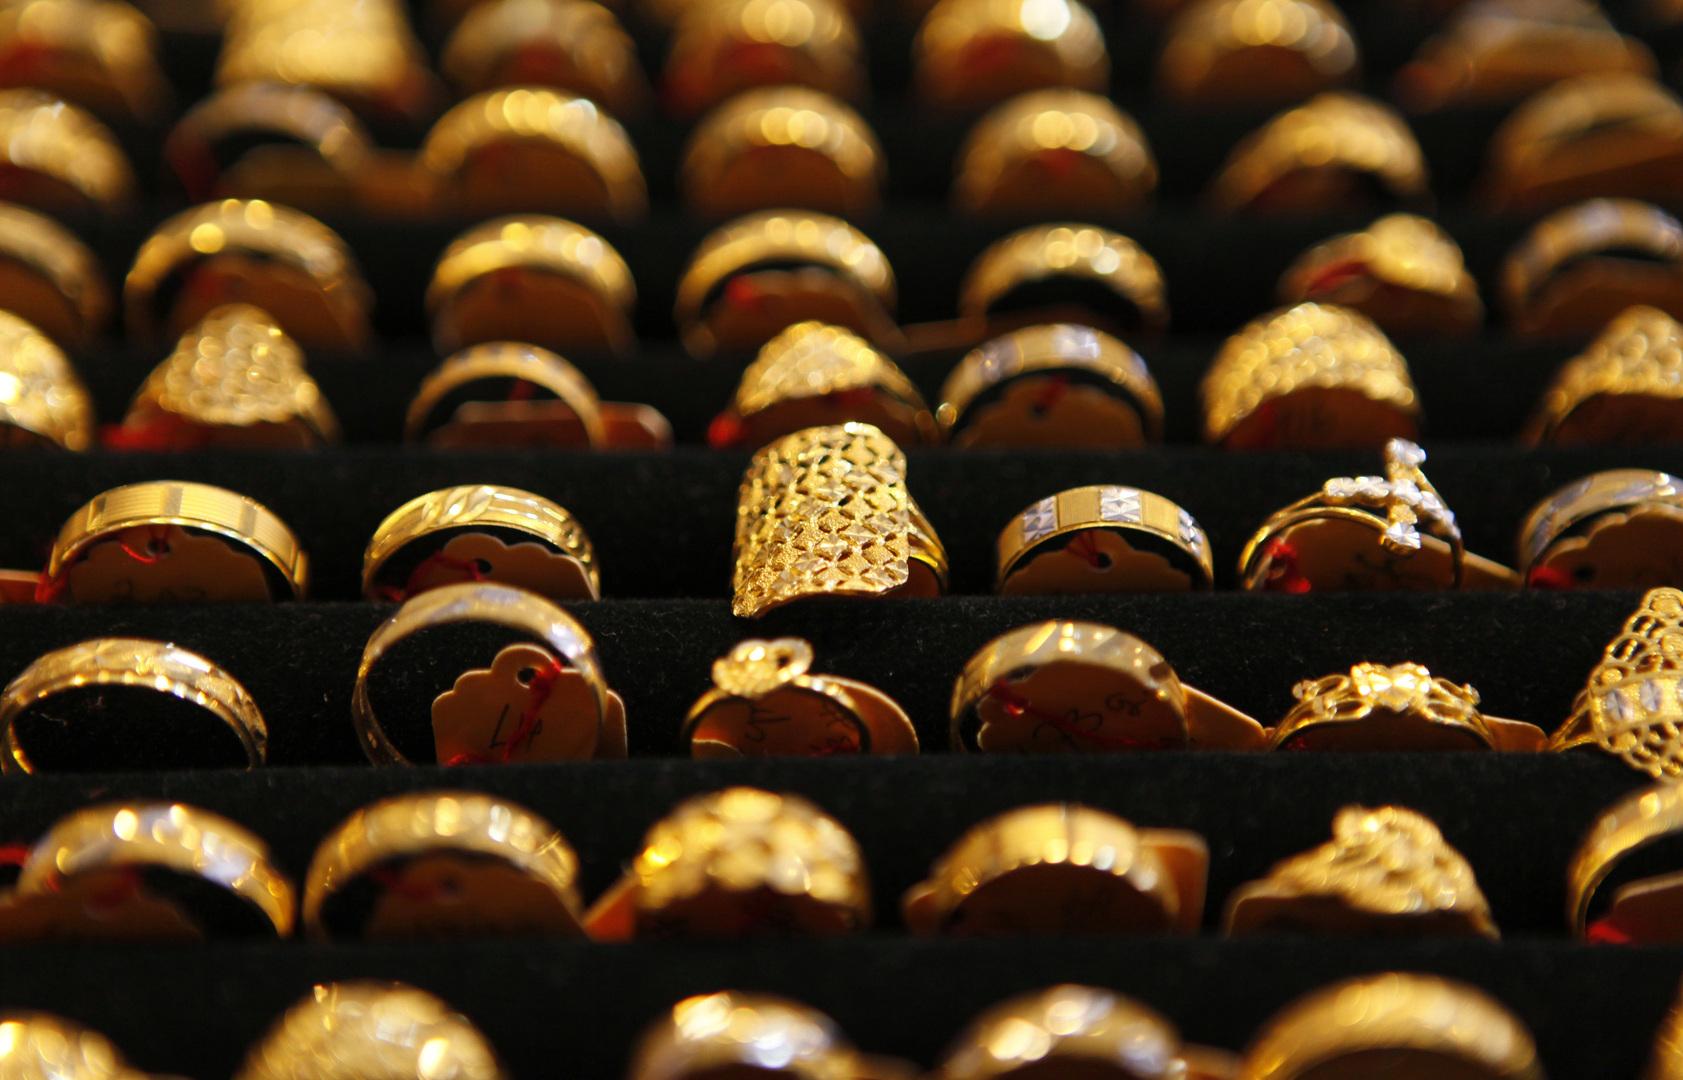 سعر أونصة الذهب يتراجع دون مستوى نفسي مهم